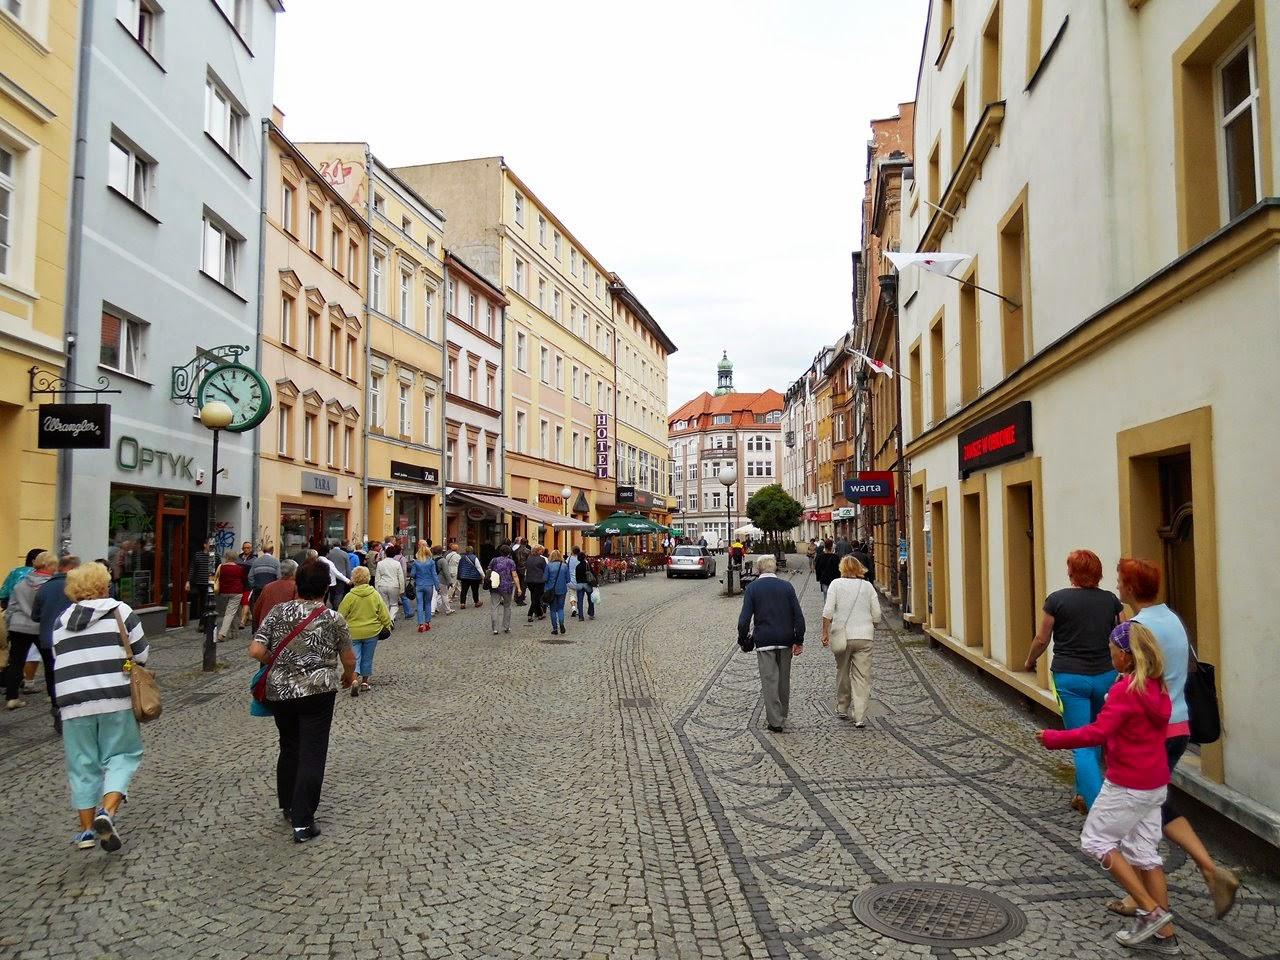 miasto, Dolny Śląsk, zwiedzanie, turystyka